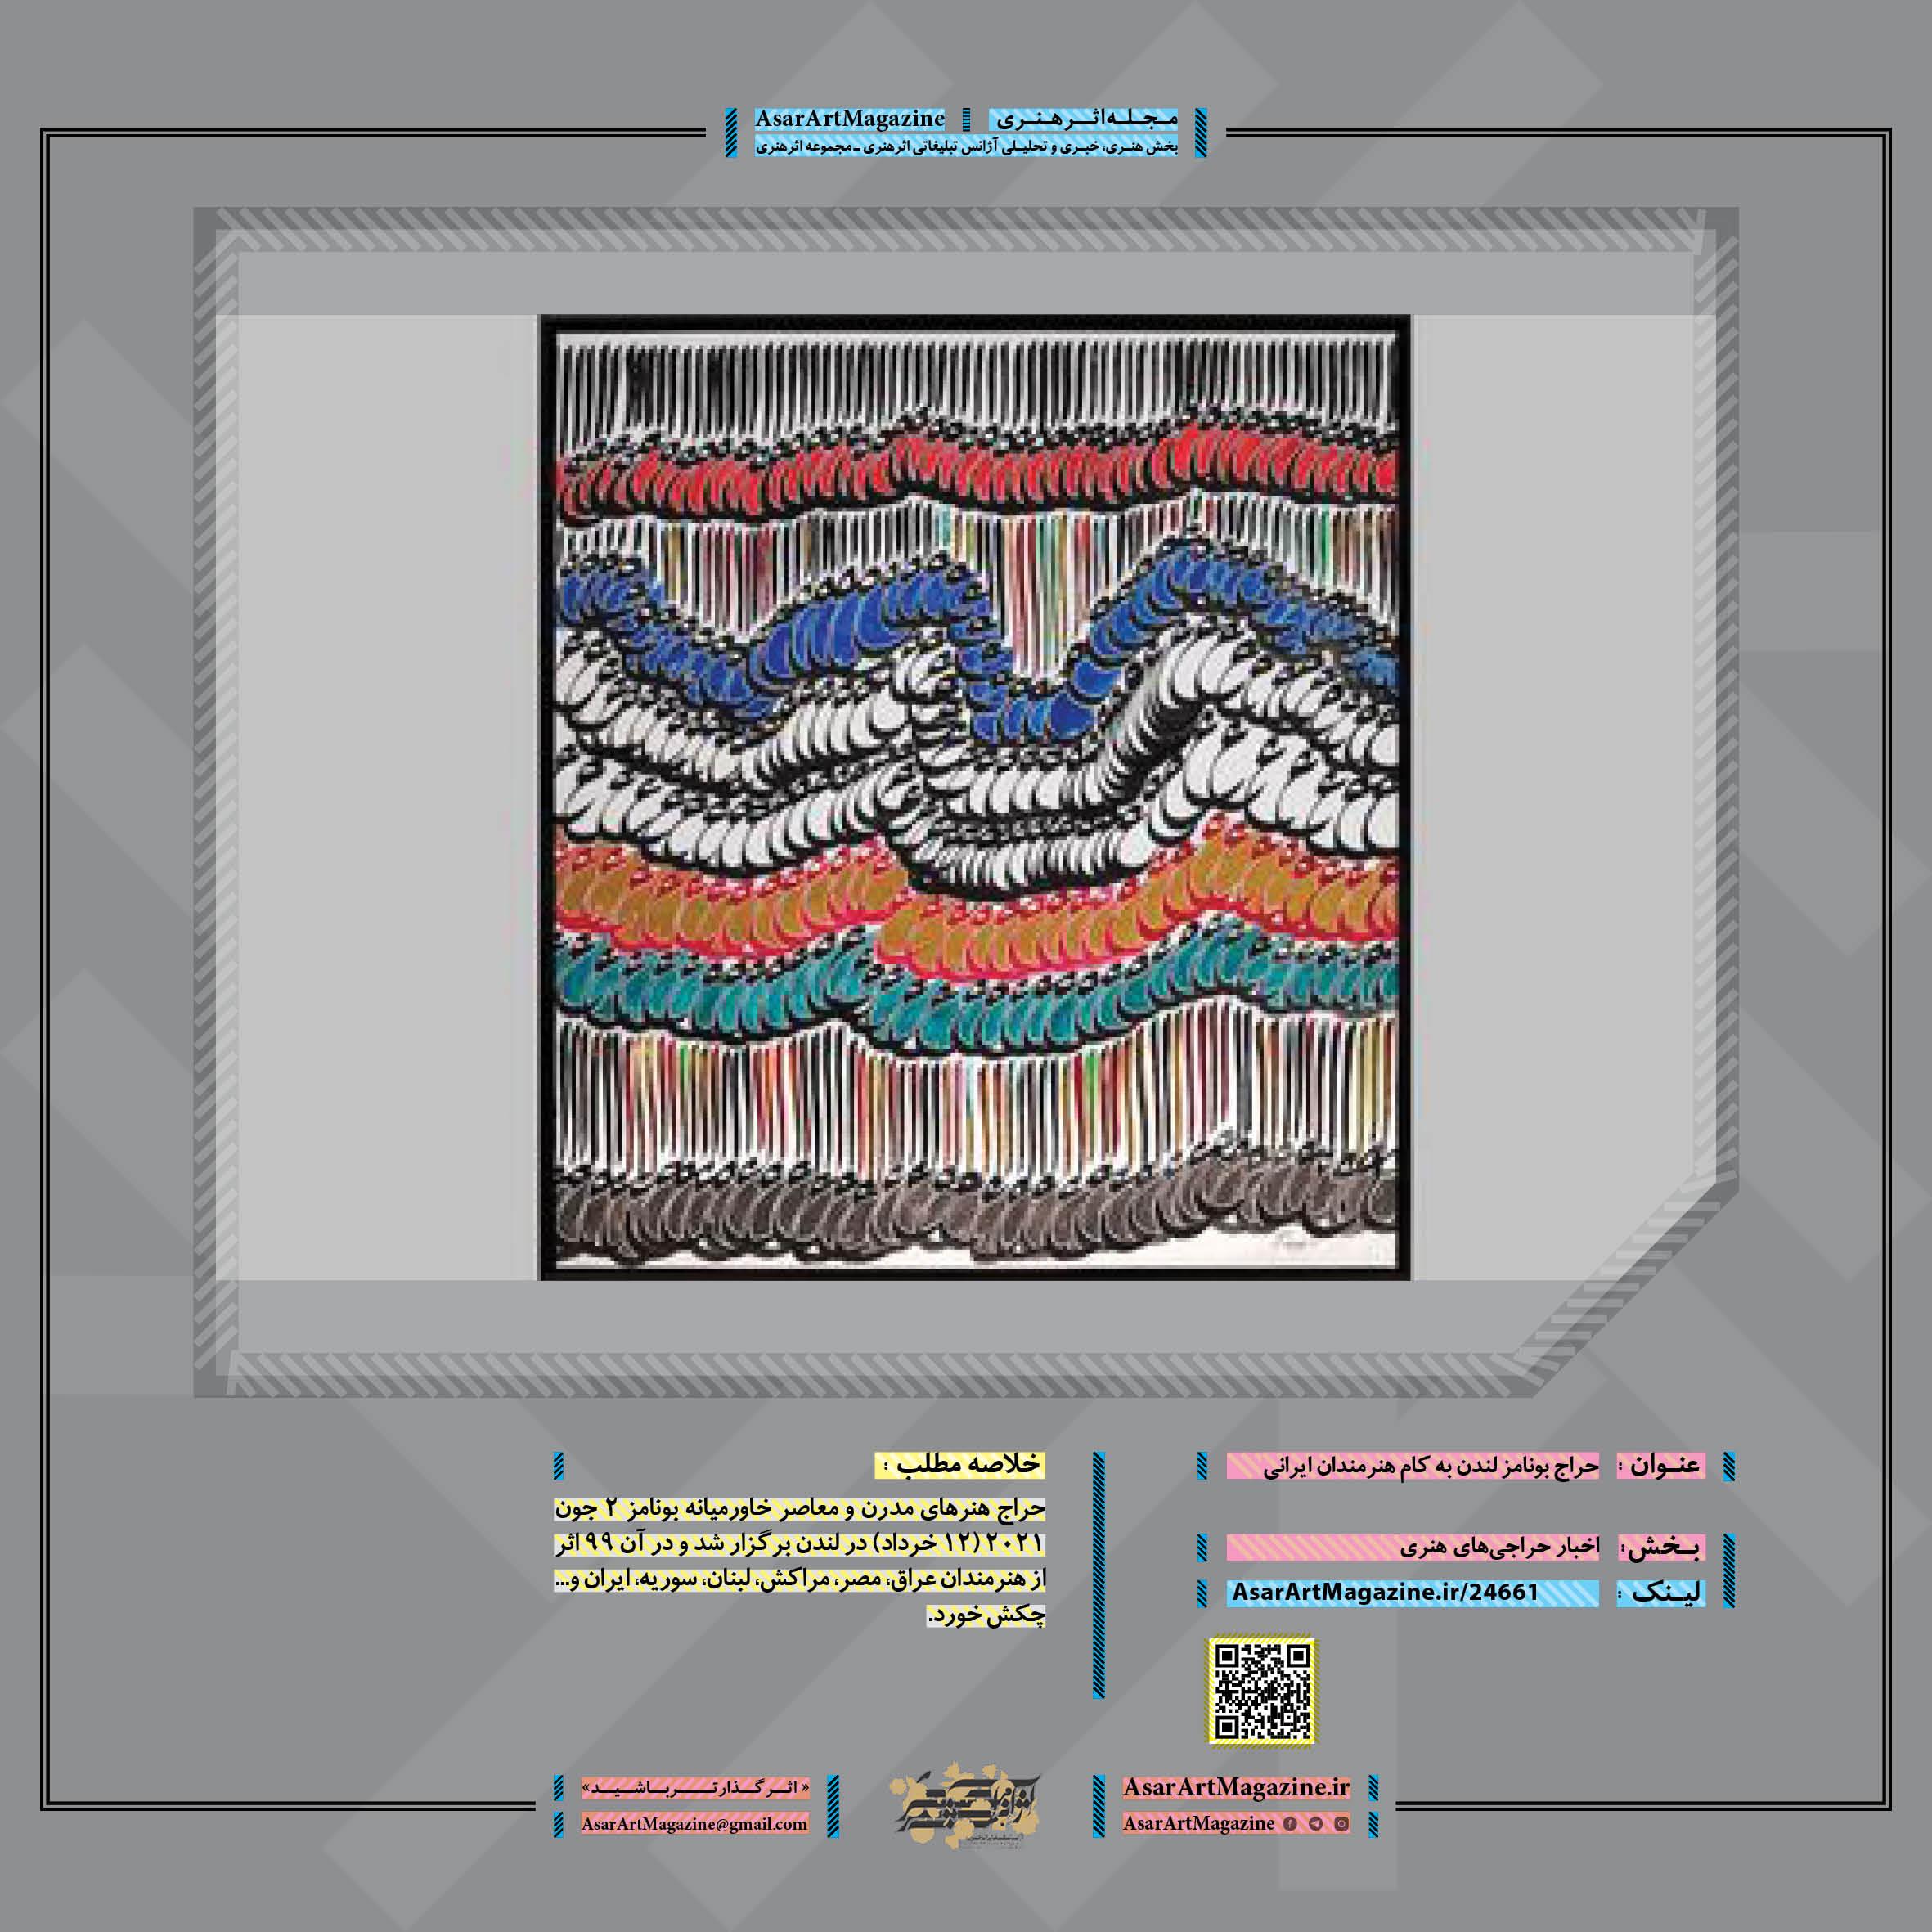 حراج بونامز لندن به کام هنرمندان ایرانی لینک : https://asarartmagazine.ir/?p=24661👇 سایت : AsarArtMagazine.ir اینستاگرام : instagram.com/AsarArtMagazine تلگرام :  t.me/AsarArtMagazine 👆